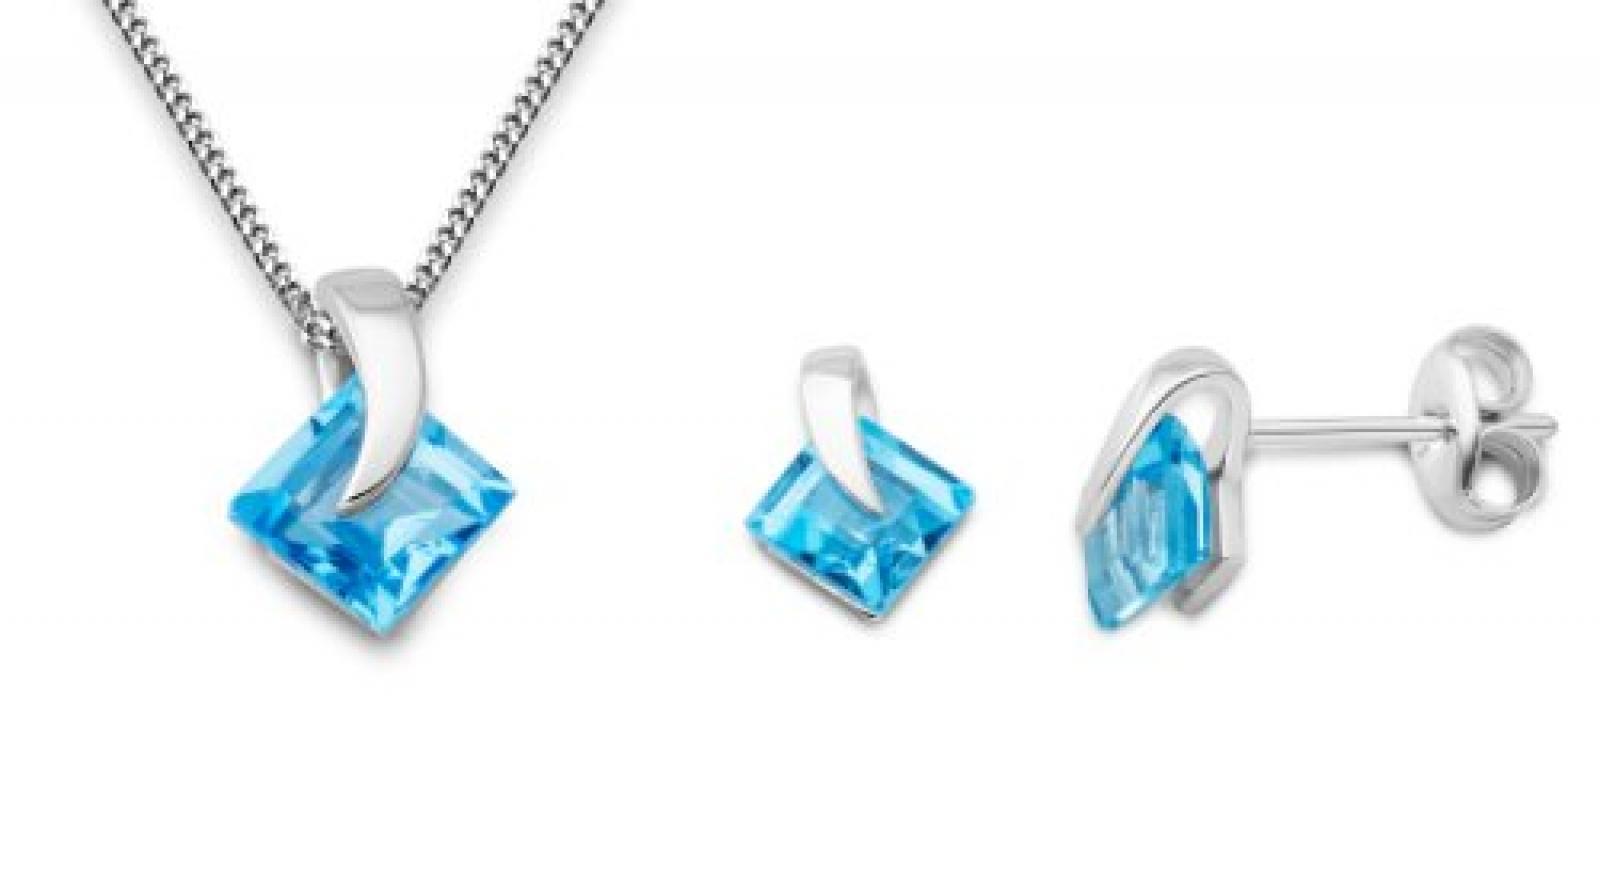 Miore Damen-Set: Halskette + Ohrringe Blau Topas 9 Karat 375 Weißgold MSET011